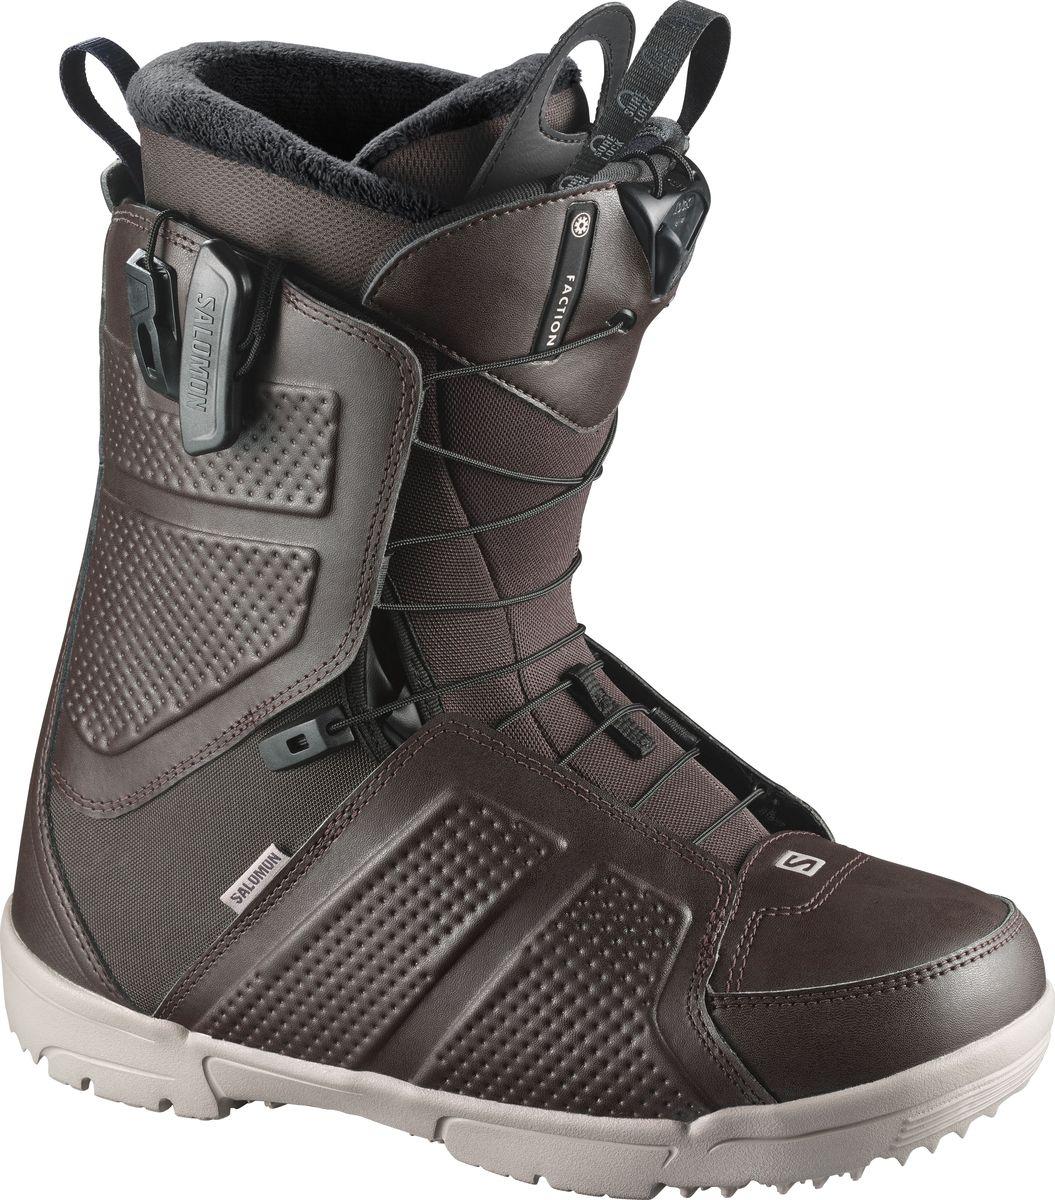 Ботинки для сноуборда Salomon Faction, цвет: коричневый, хаки. Размер 30 (45,5)L39952400Ни один ботинок в этом ценовом диапазоне не сравнится с Faction. Фирменная ДНК Salomon - посадка, отзывчивость и долговечность, лучшая покупка десятилетия.